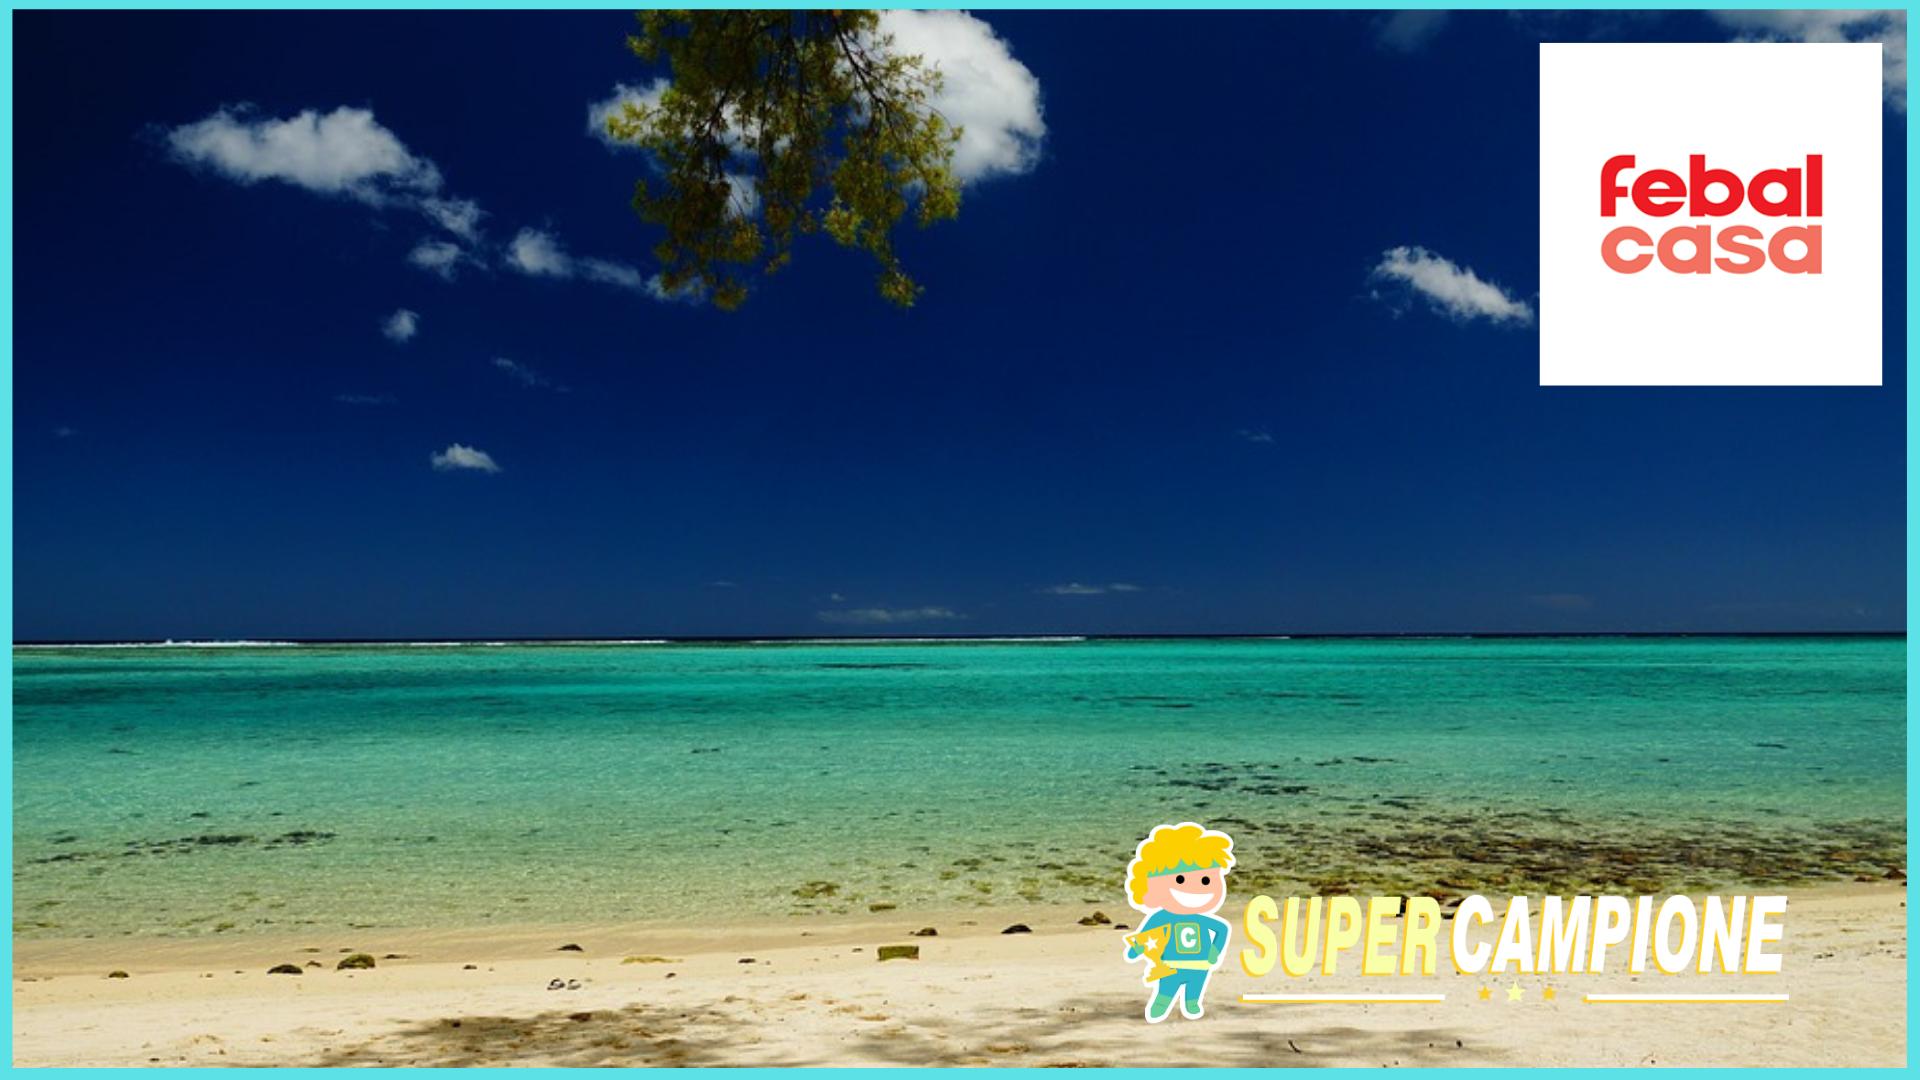 Supercampione - Vinci viaggio alle Mauritius con Febal Casa